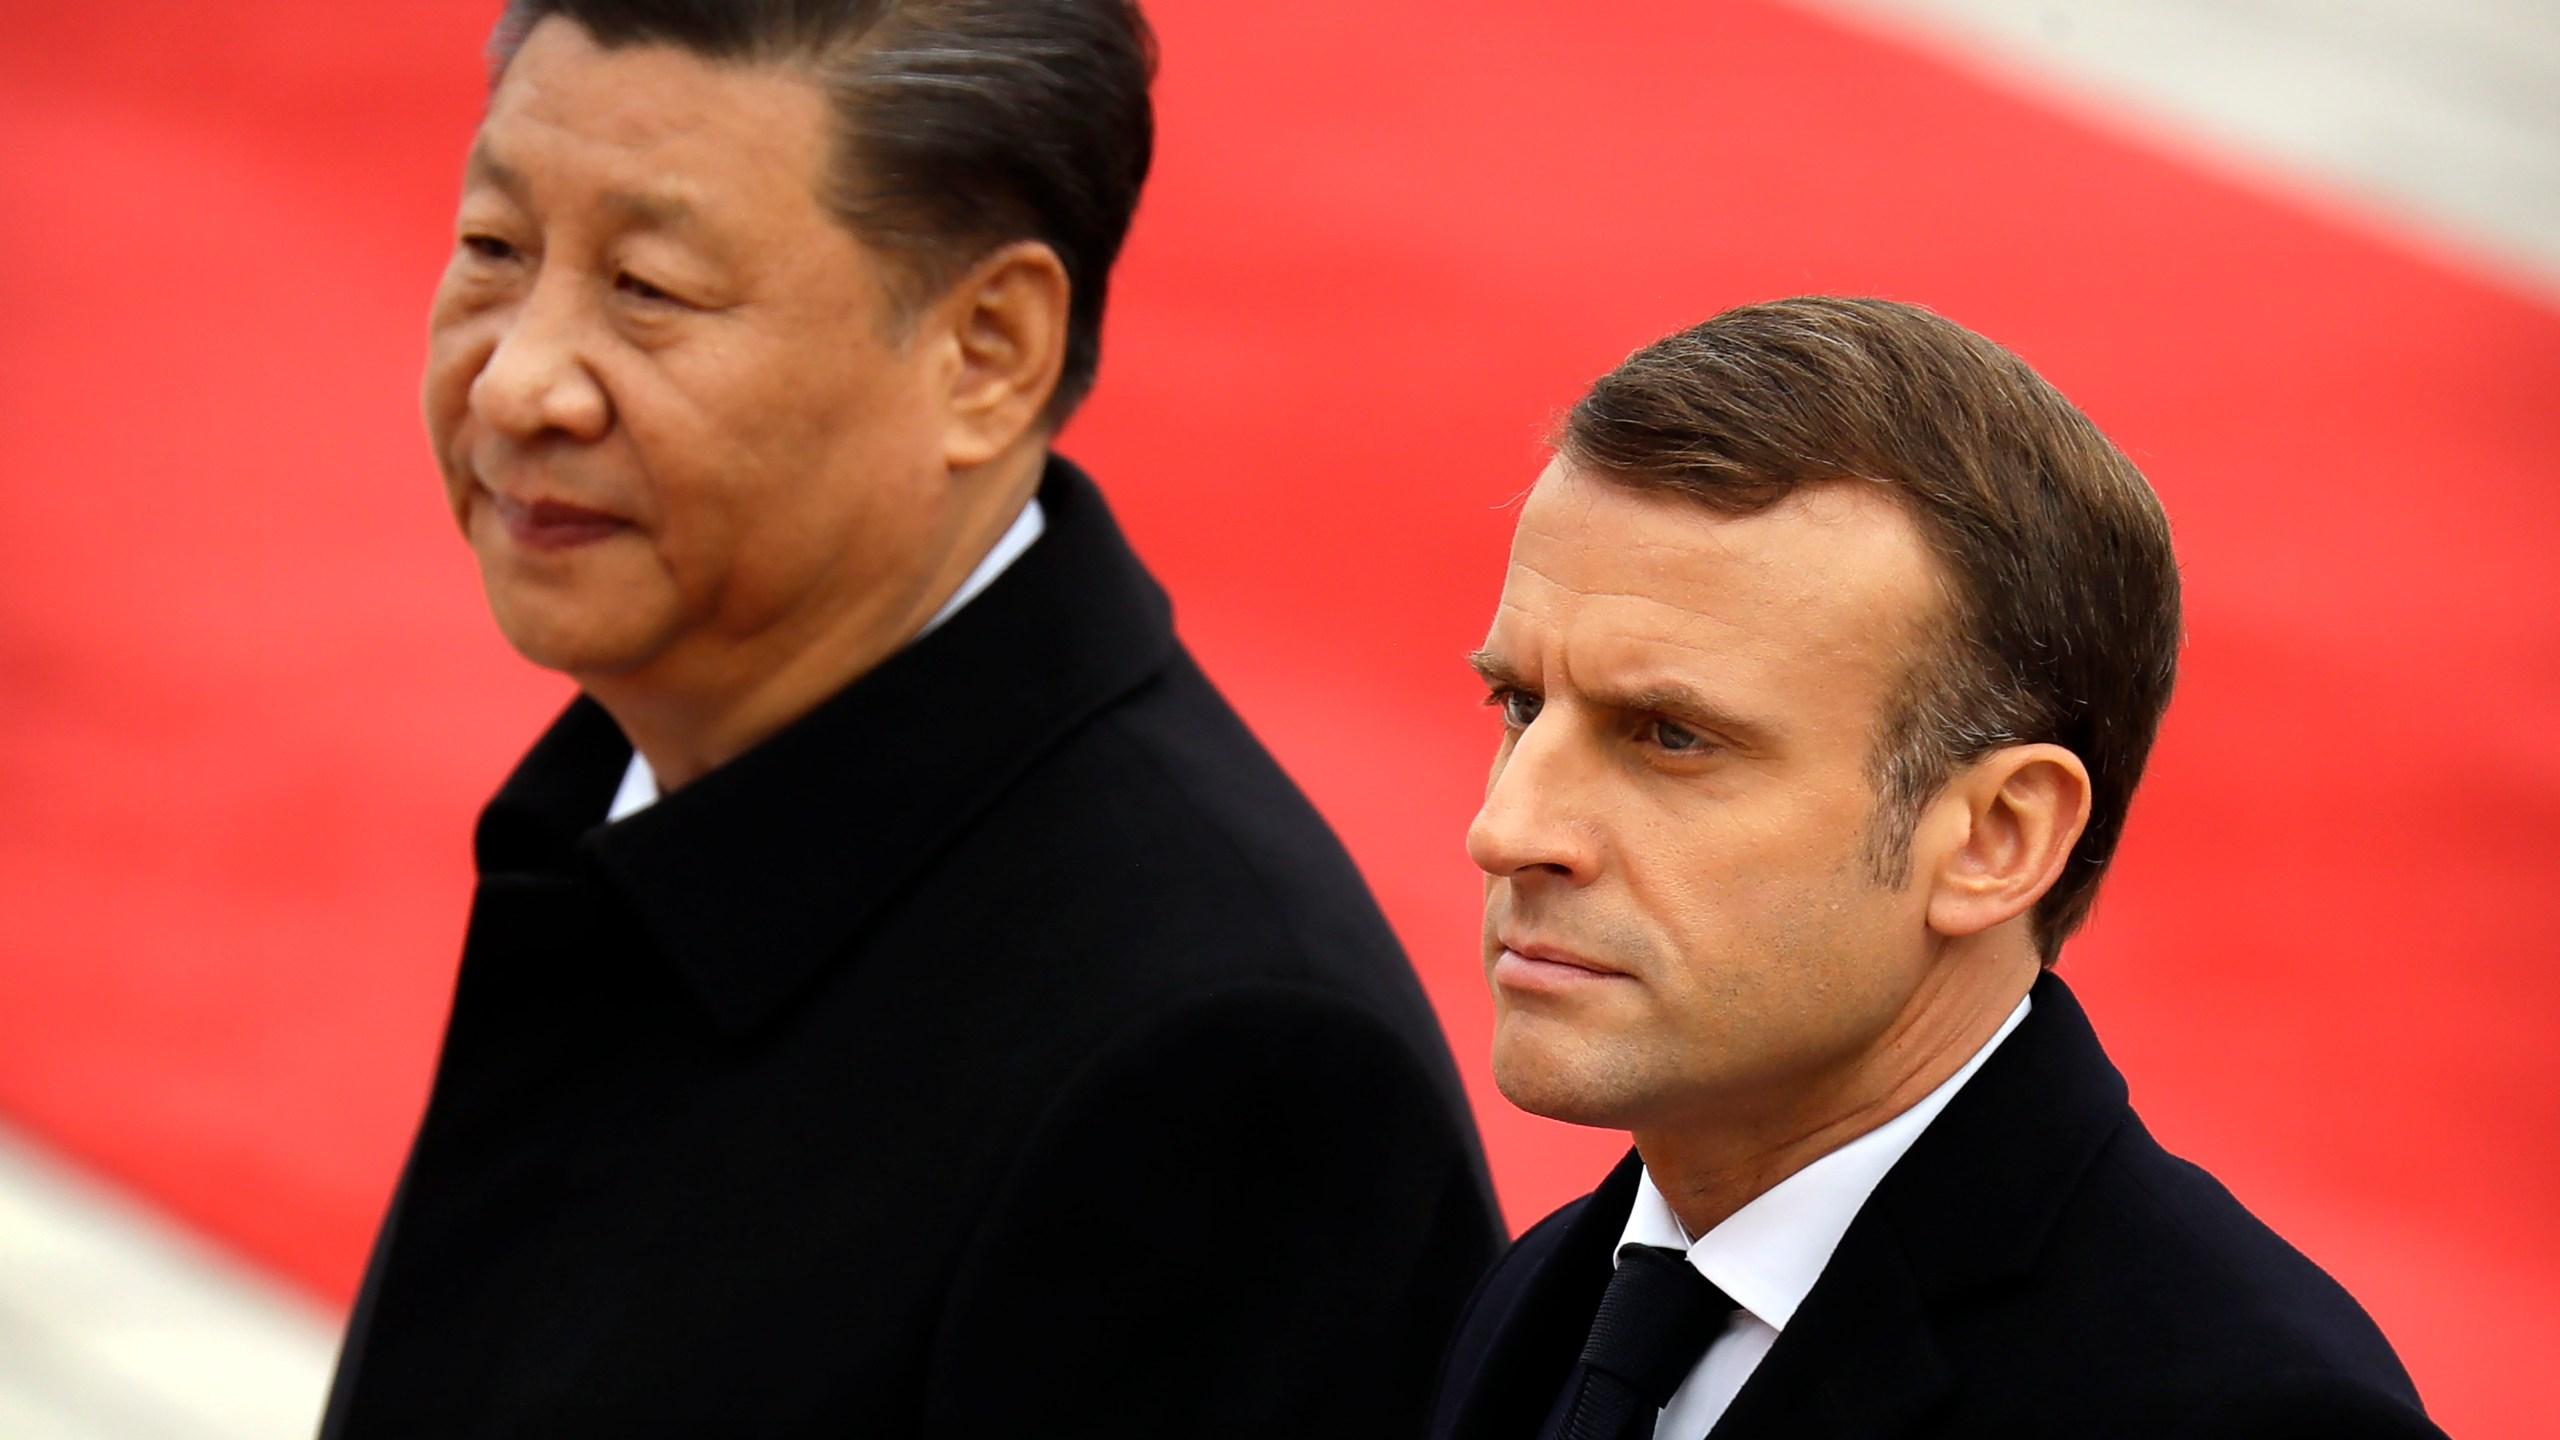 Xi Jinping, Emmanuel Macron